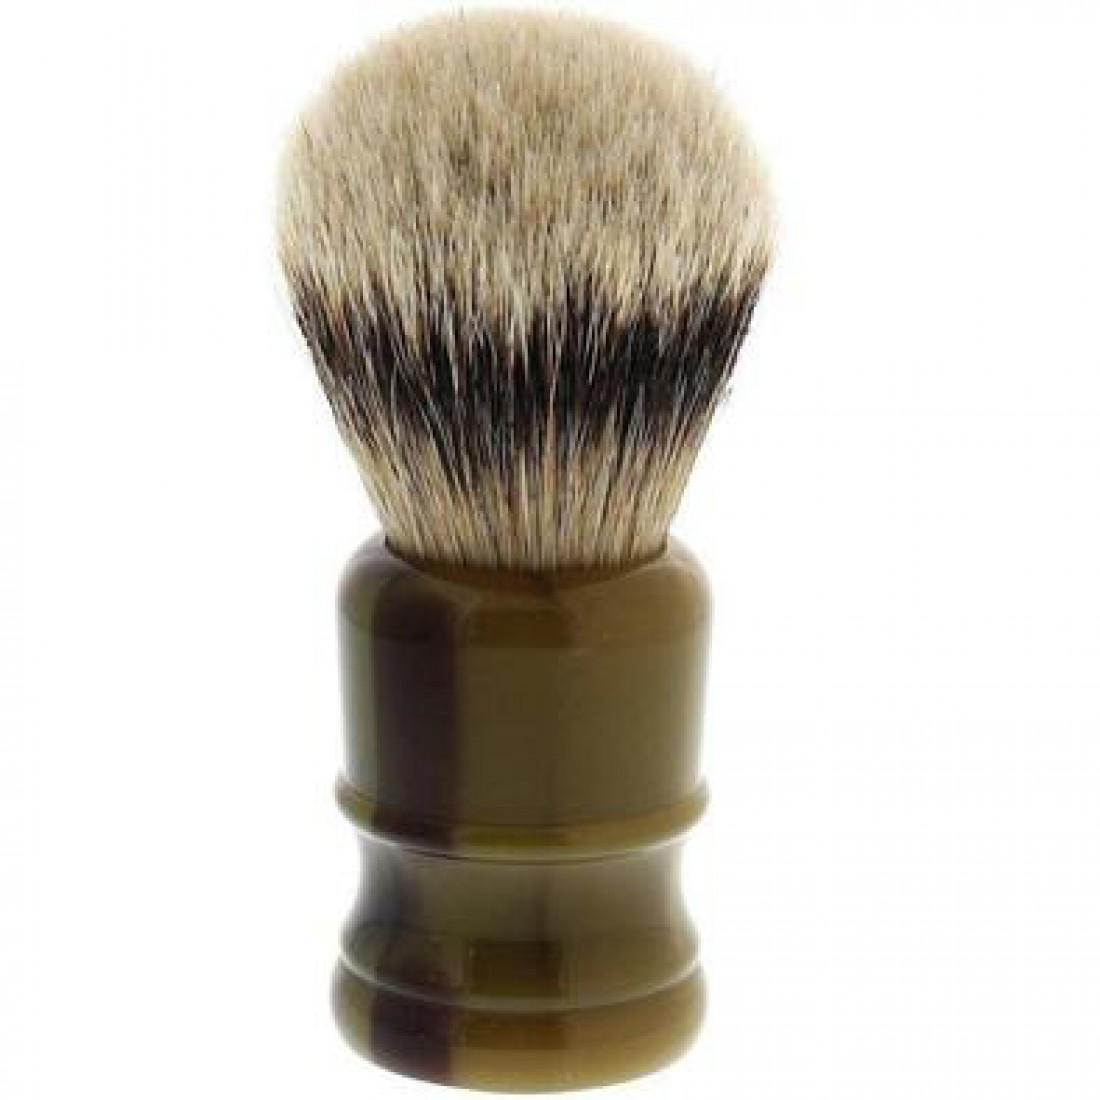 Помазок от West Coast Shaving. Цена — $60